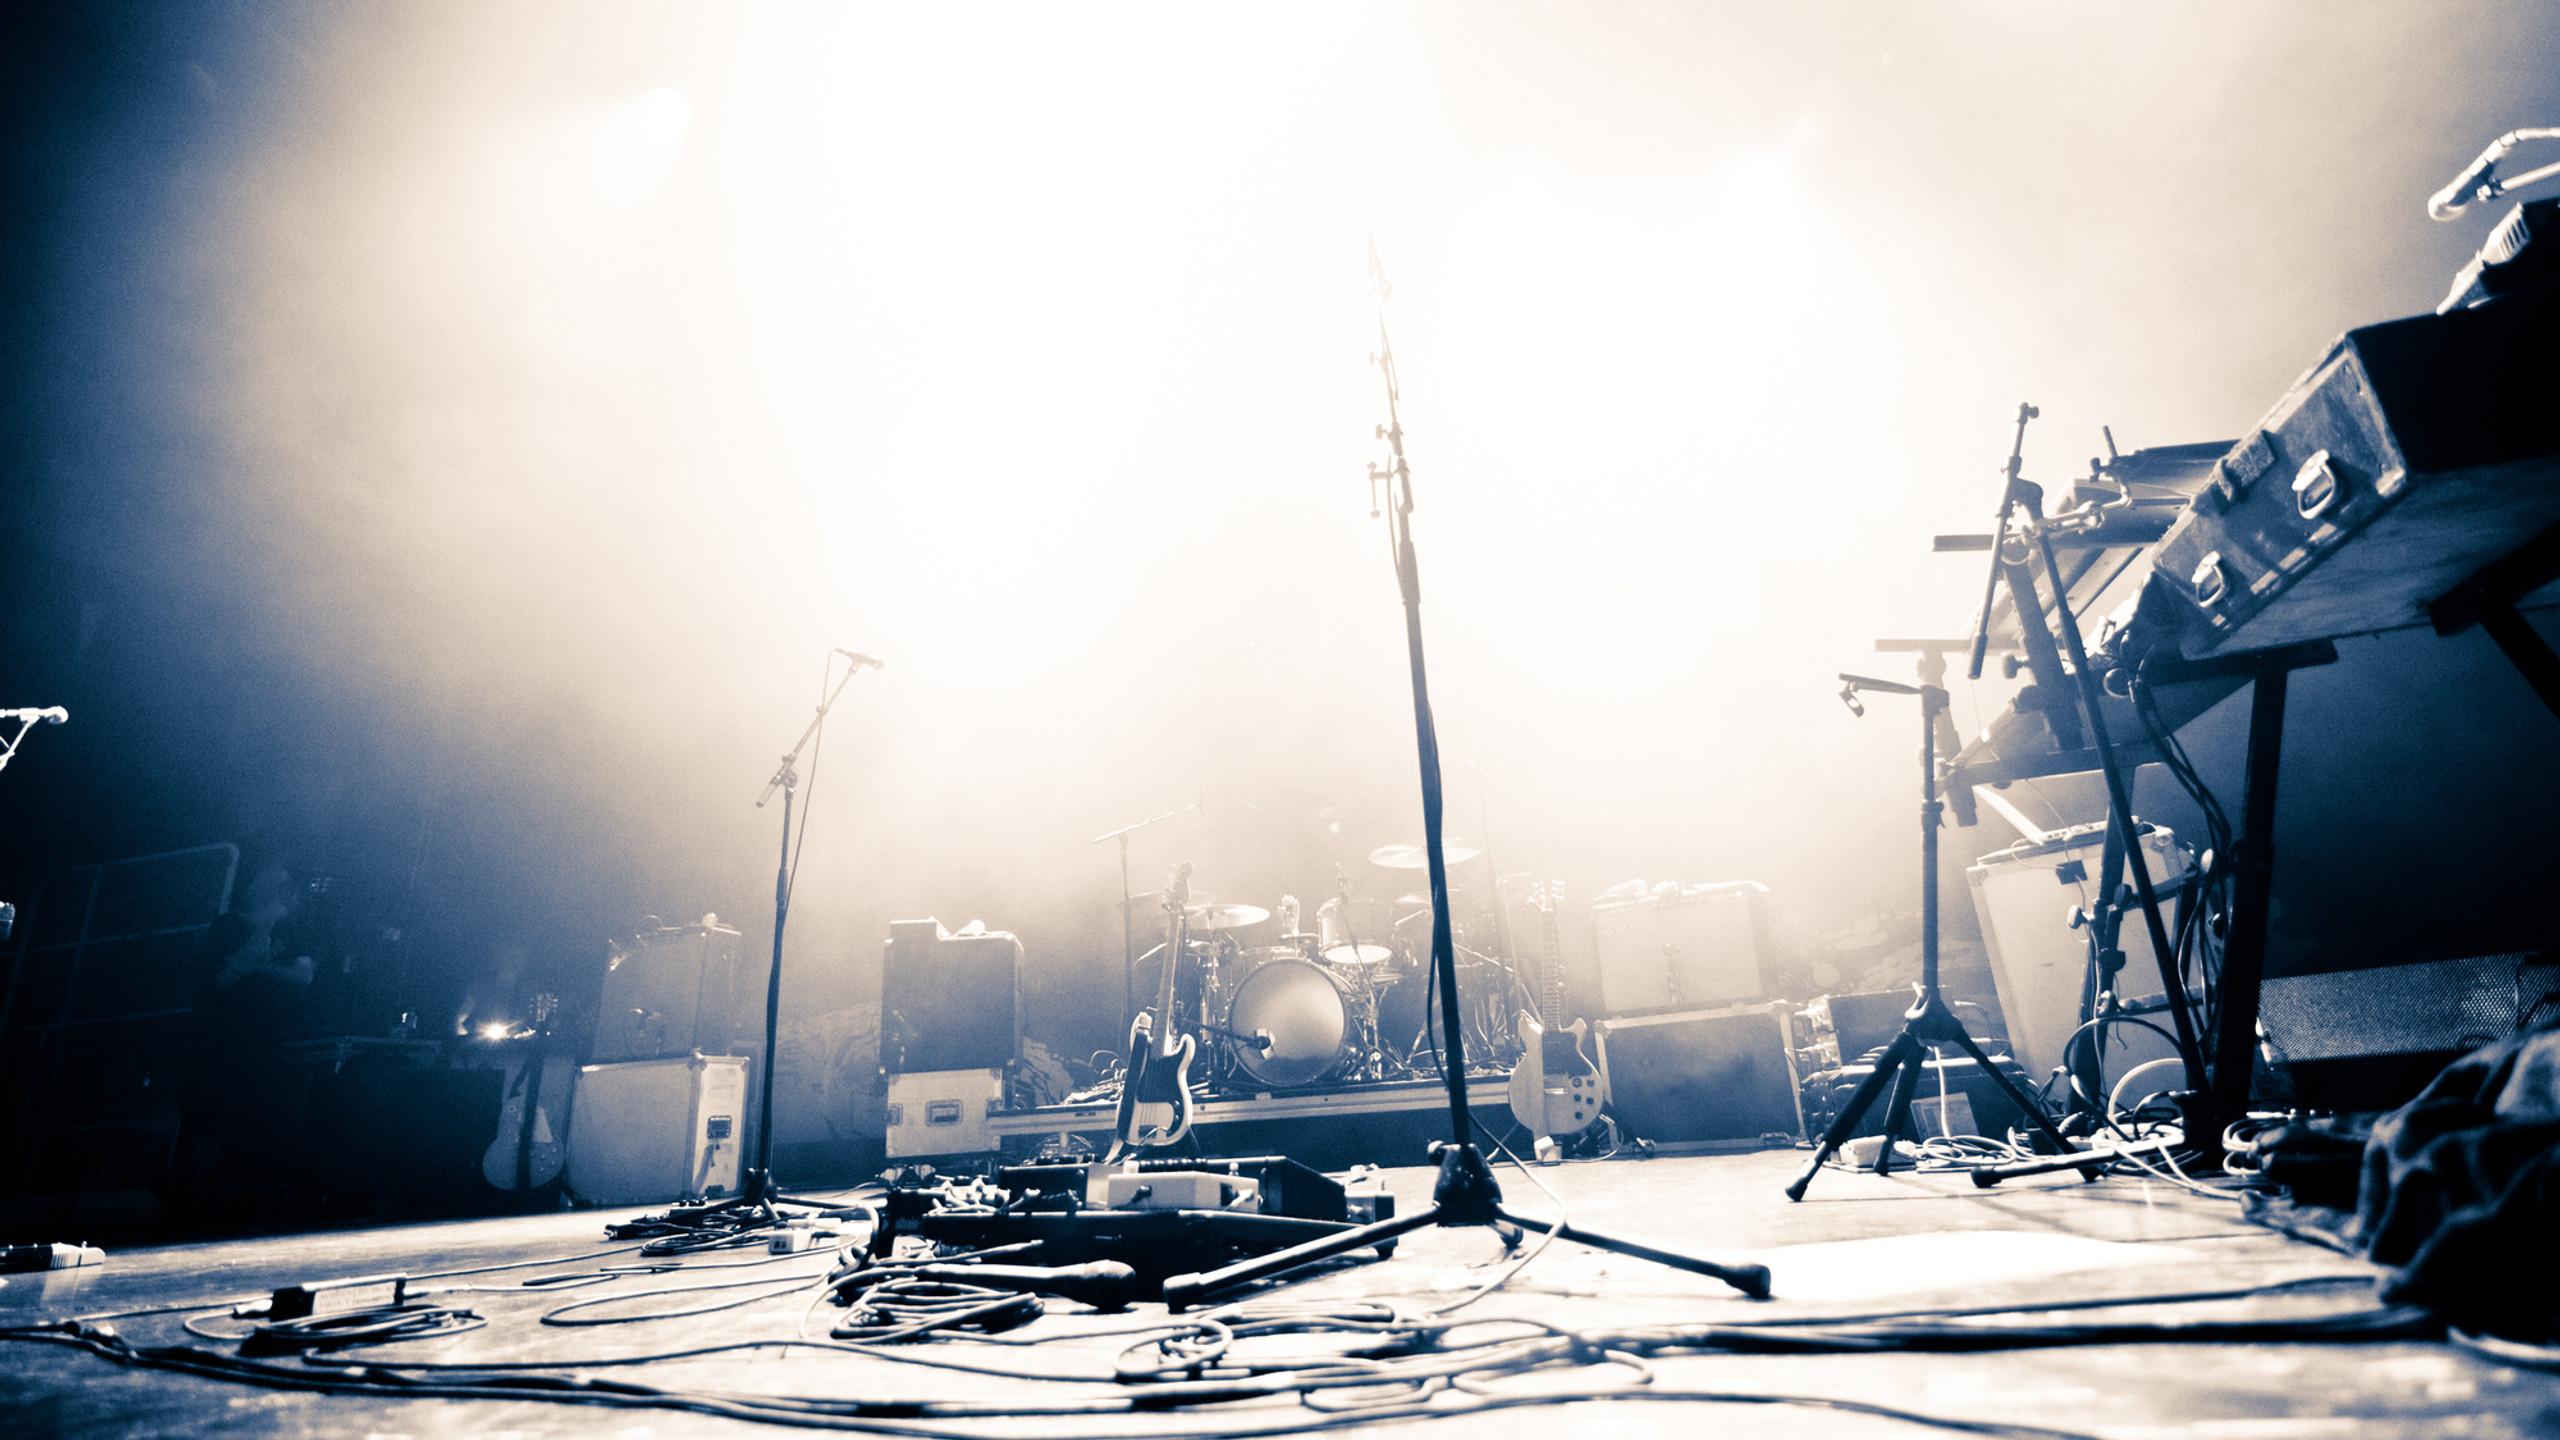 Live stage back stage set up